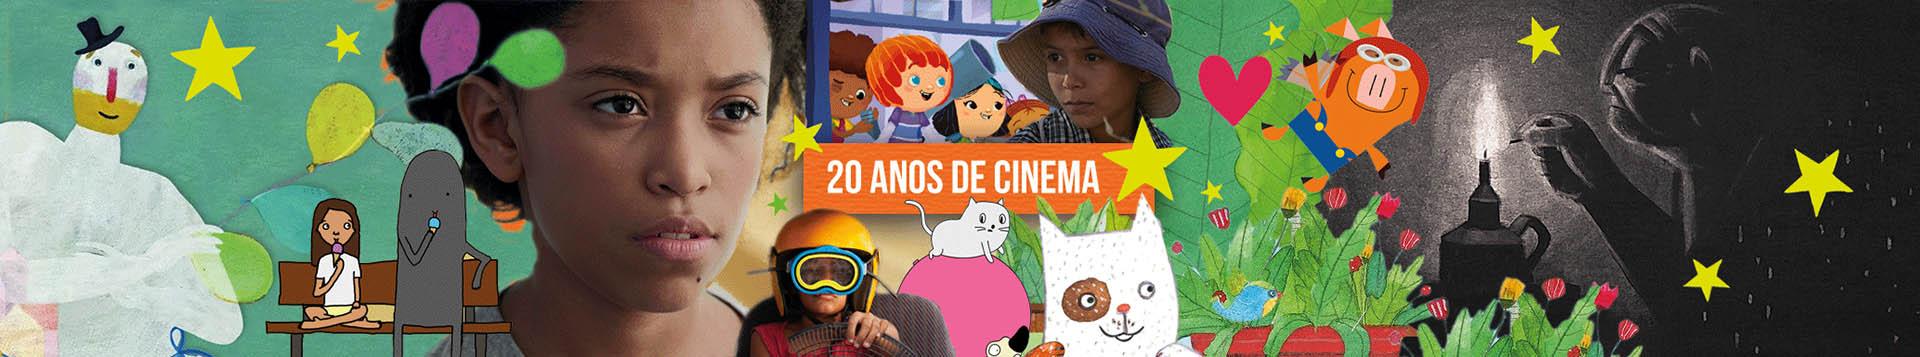 20 anos de cinema